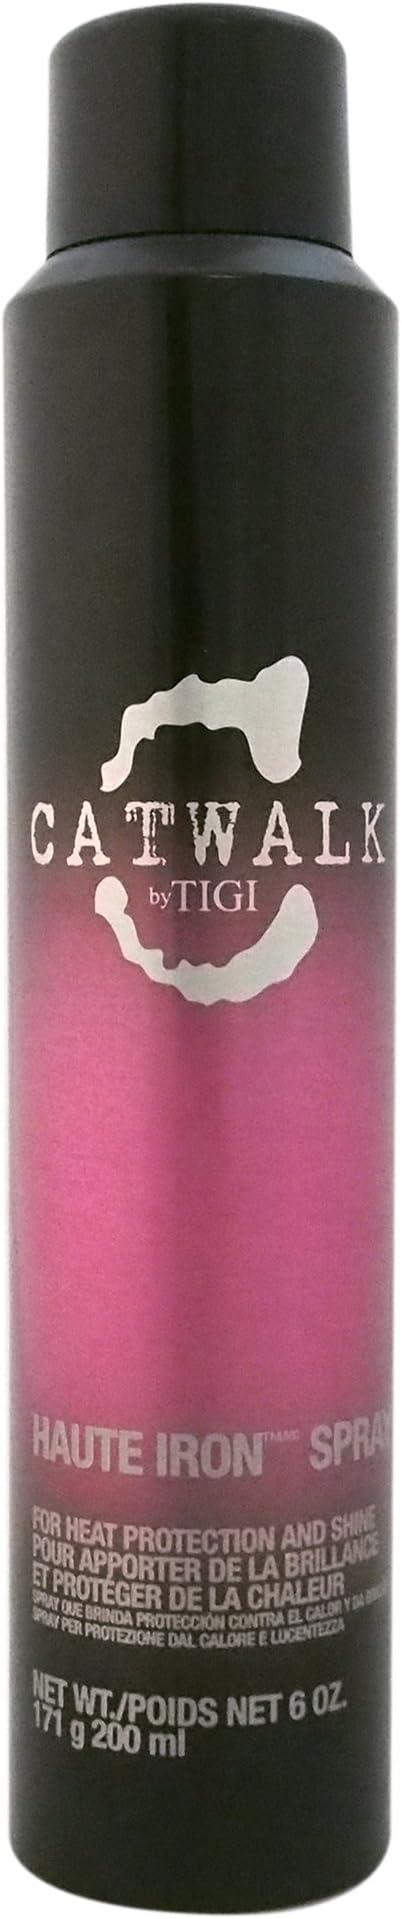 TIGI Catwalk Haute Iron Spray for Unisex